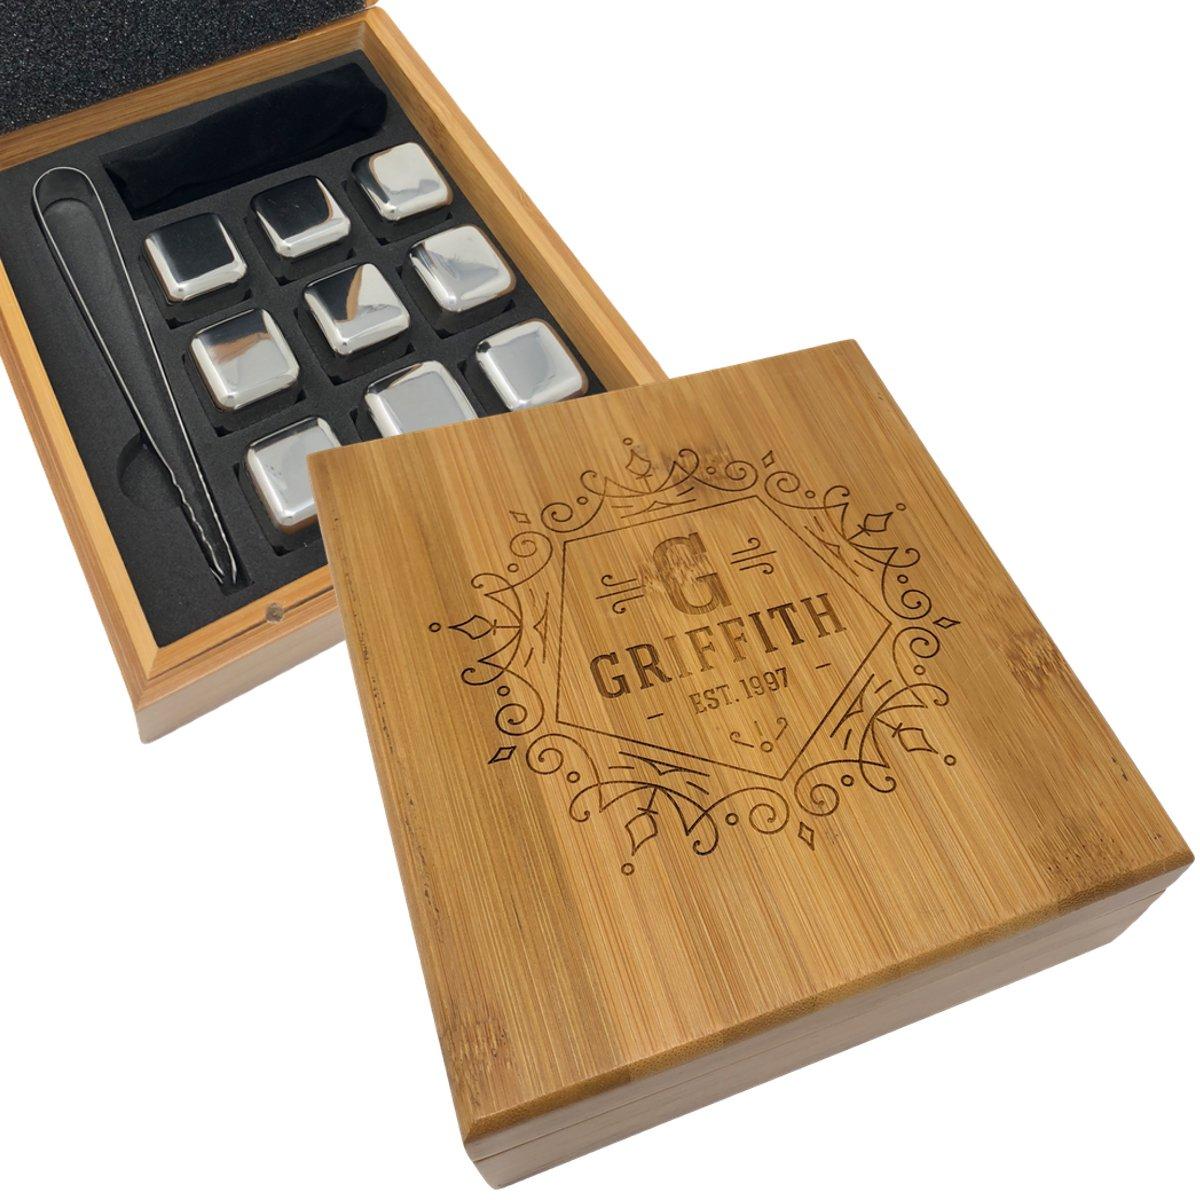 格安販売中 Personalized Engraved Whiskey Whiskey Stones、カスタムWhiskey Rocks、石Chill Forワイン B0791KQS5Z、挙式 Engraved、花嫁介添人ギフト B0791KQS5Z, 餅と和洋菓子の店いしや:9f561d45 --- a0267596.xsph.ru